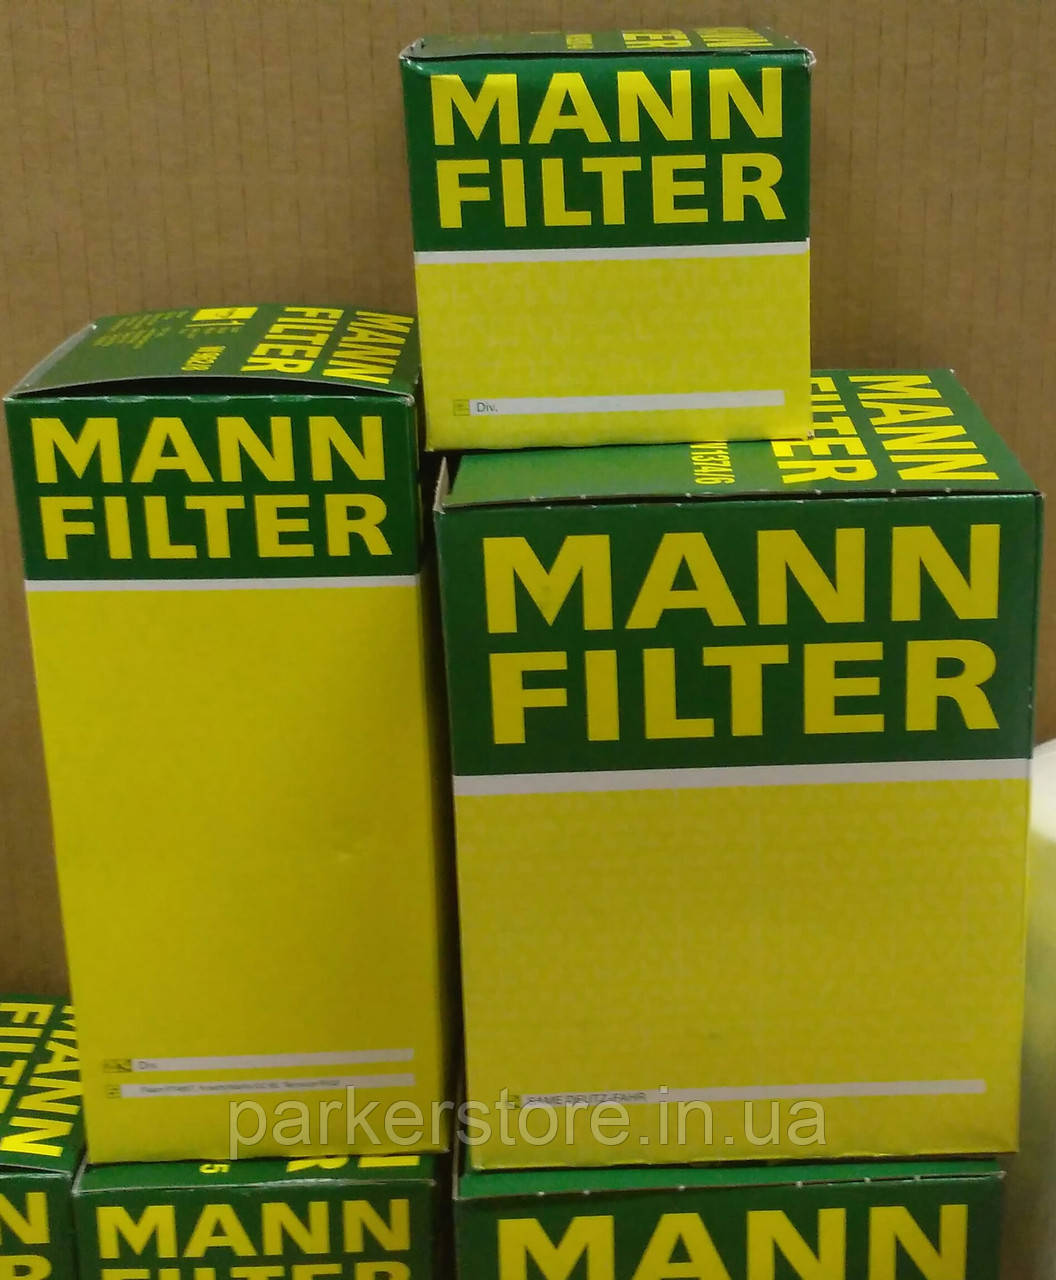 MANN FILTER / Воздушный фильтр / C 27 025 / C27025